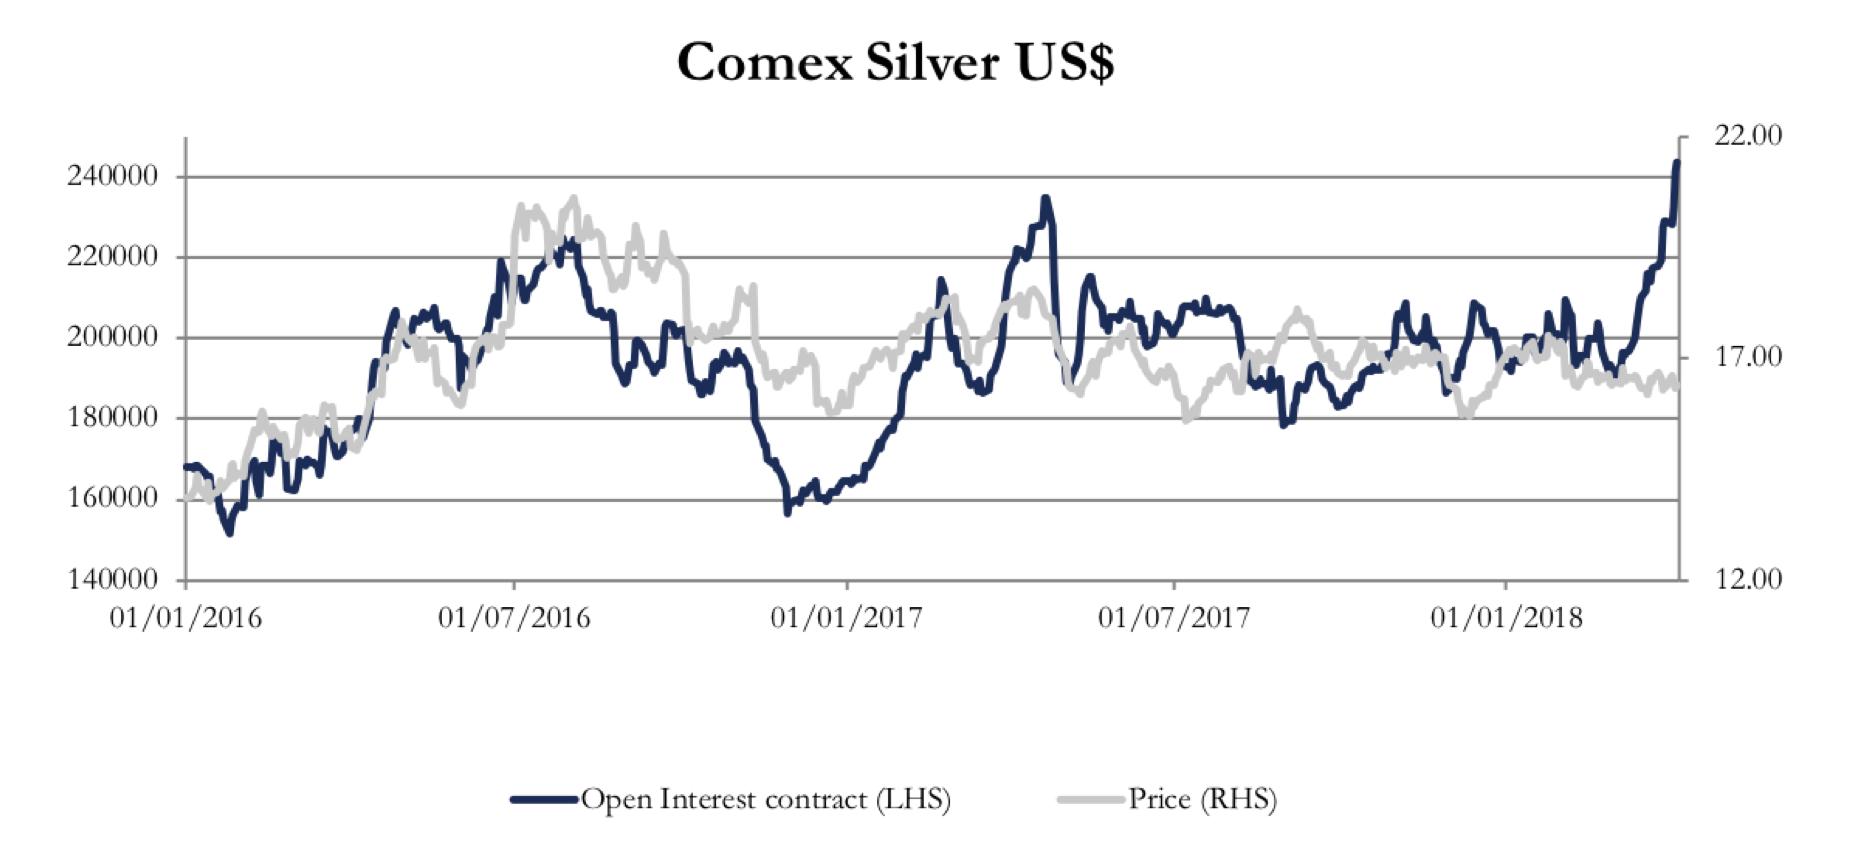 comex silver us